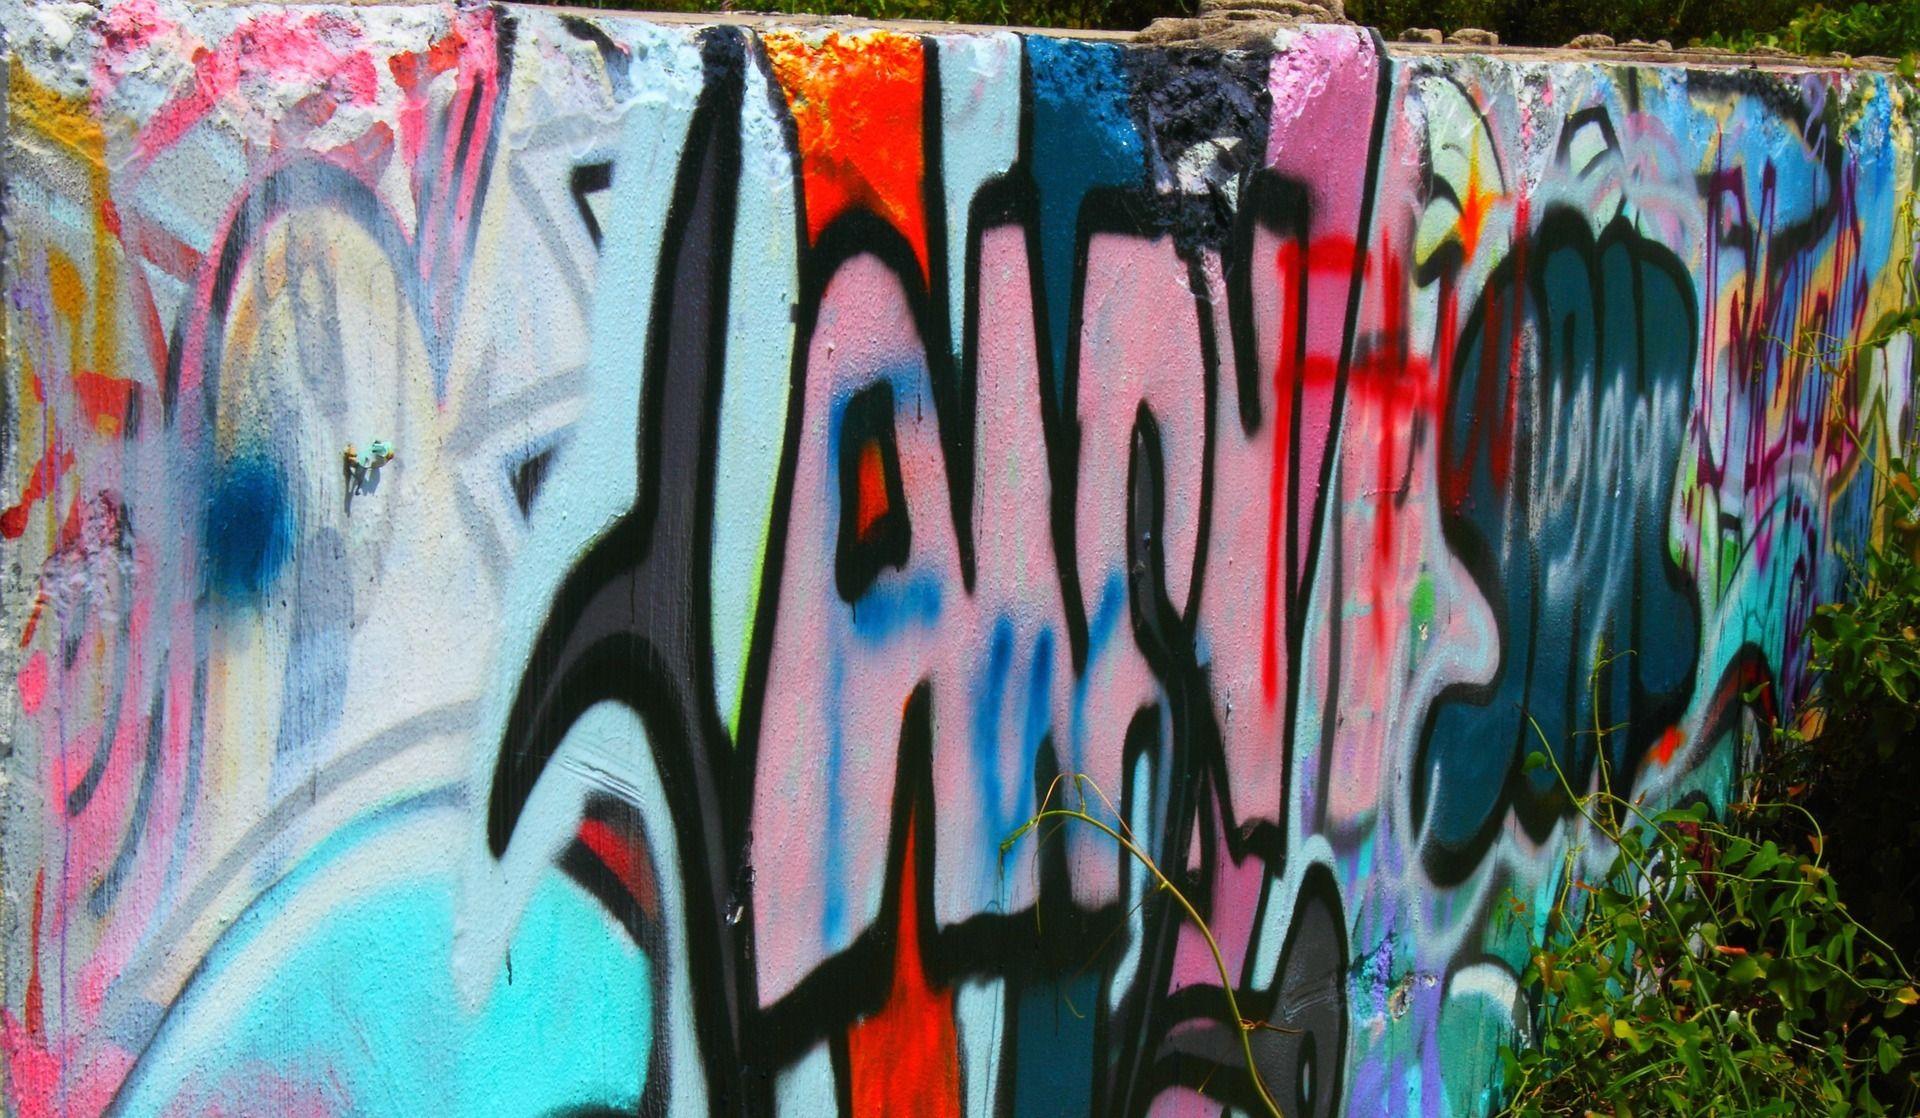 白掌水�y��y��y`�Y��&_GraffitiWallHDwallpaper|Graffitiwall,Graffiti,Hdwallpaper